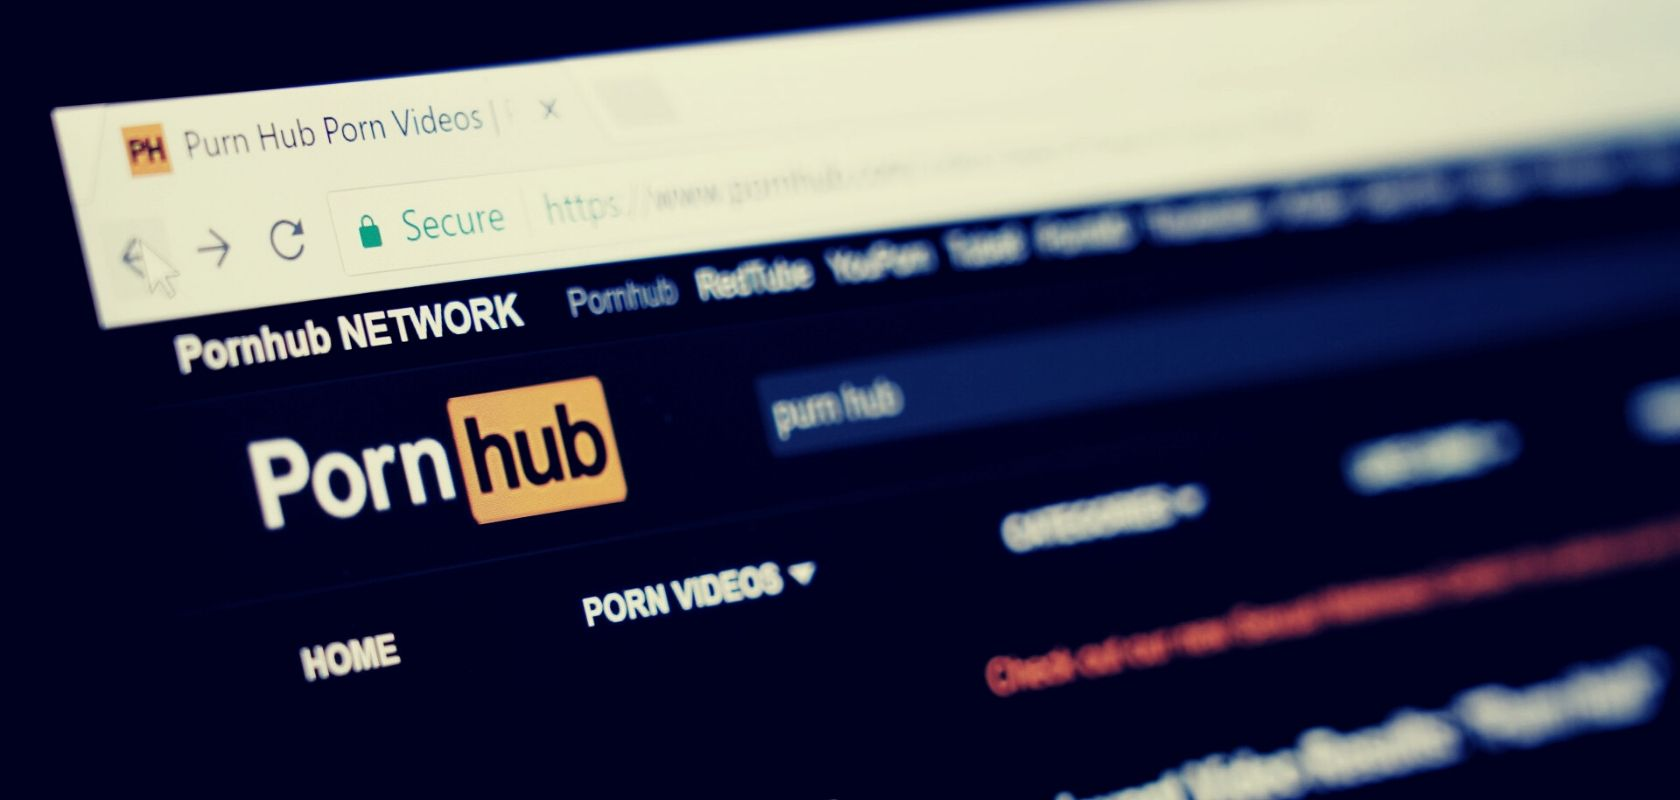 ชาวเน็ตหลายแสนแห่ลงชื่อเล่นงาน Pornhub กล่าวหามีวีดีโอข่มขืน-ล่วงละเมิด